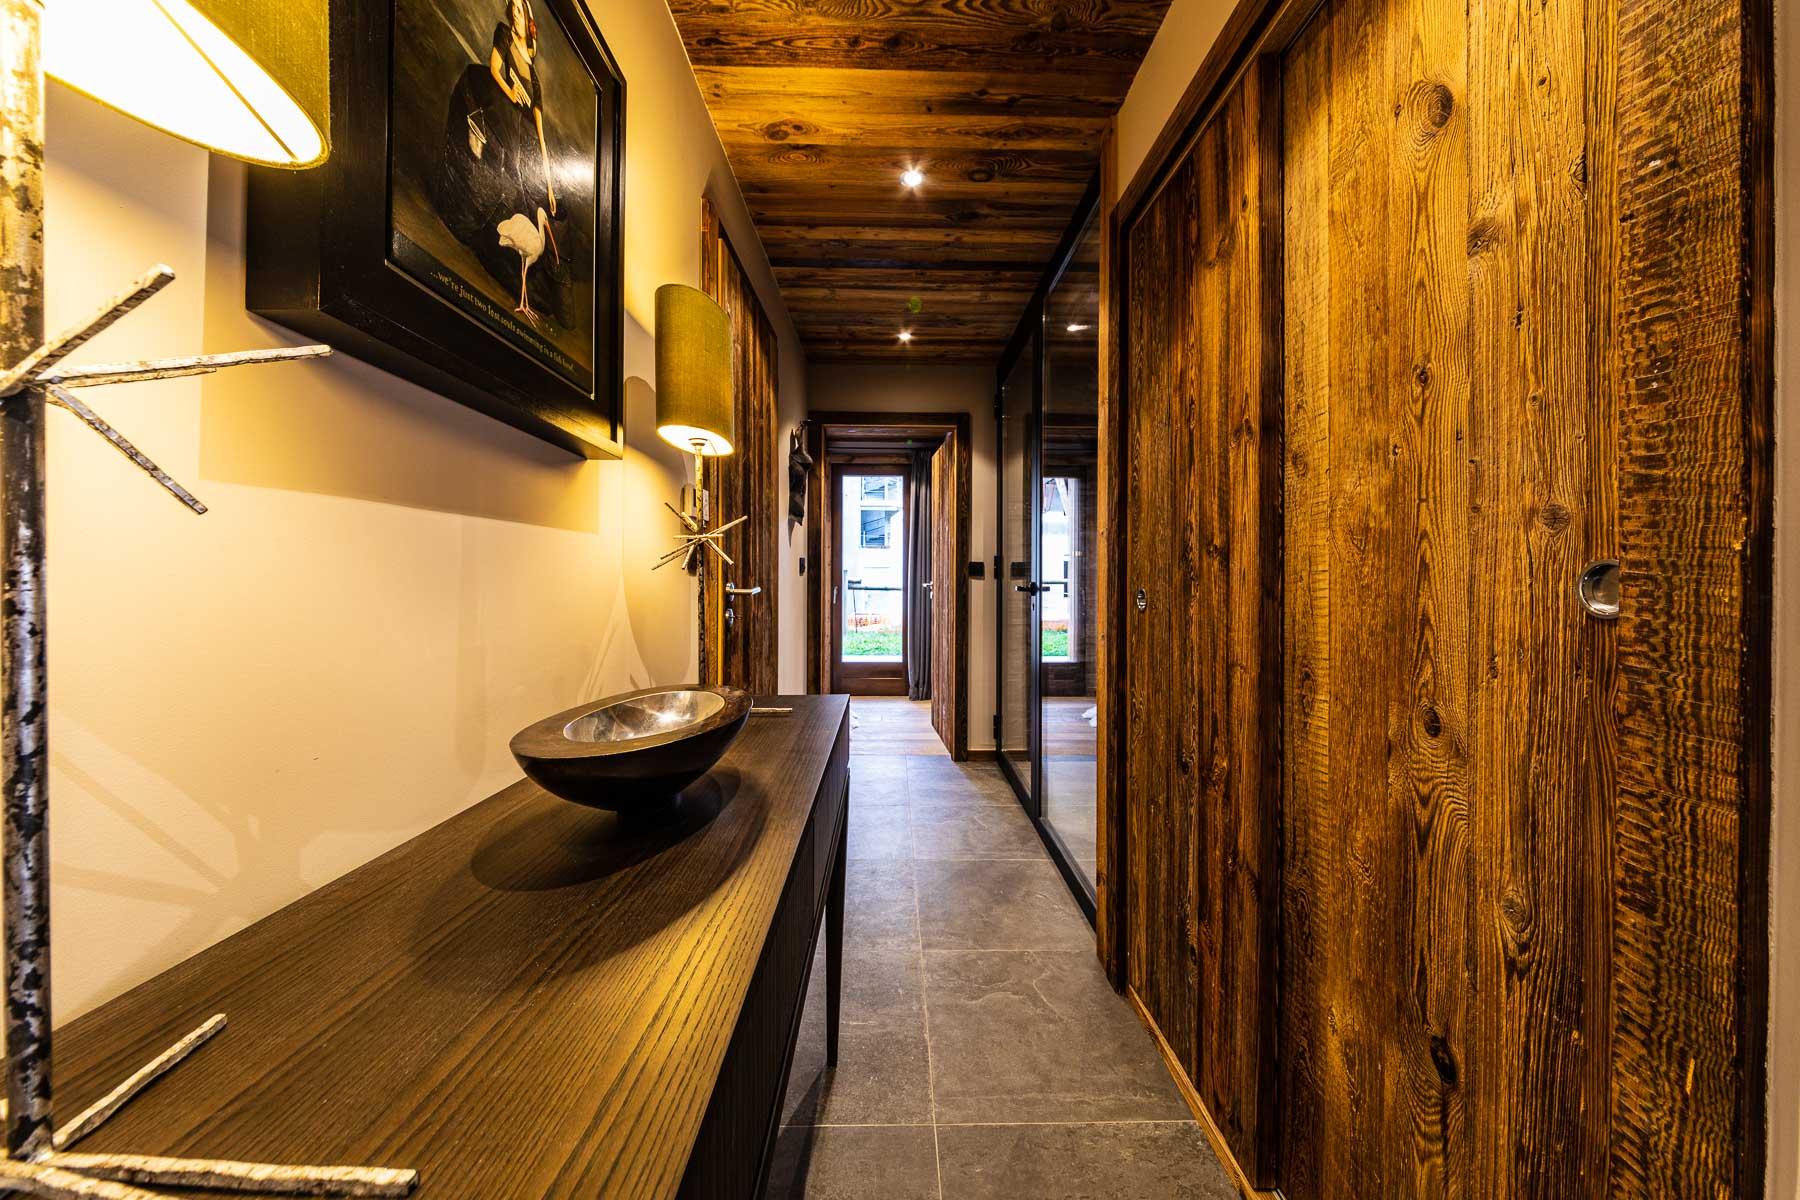 Kterra 1 Hallway